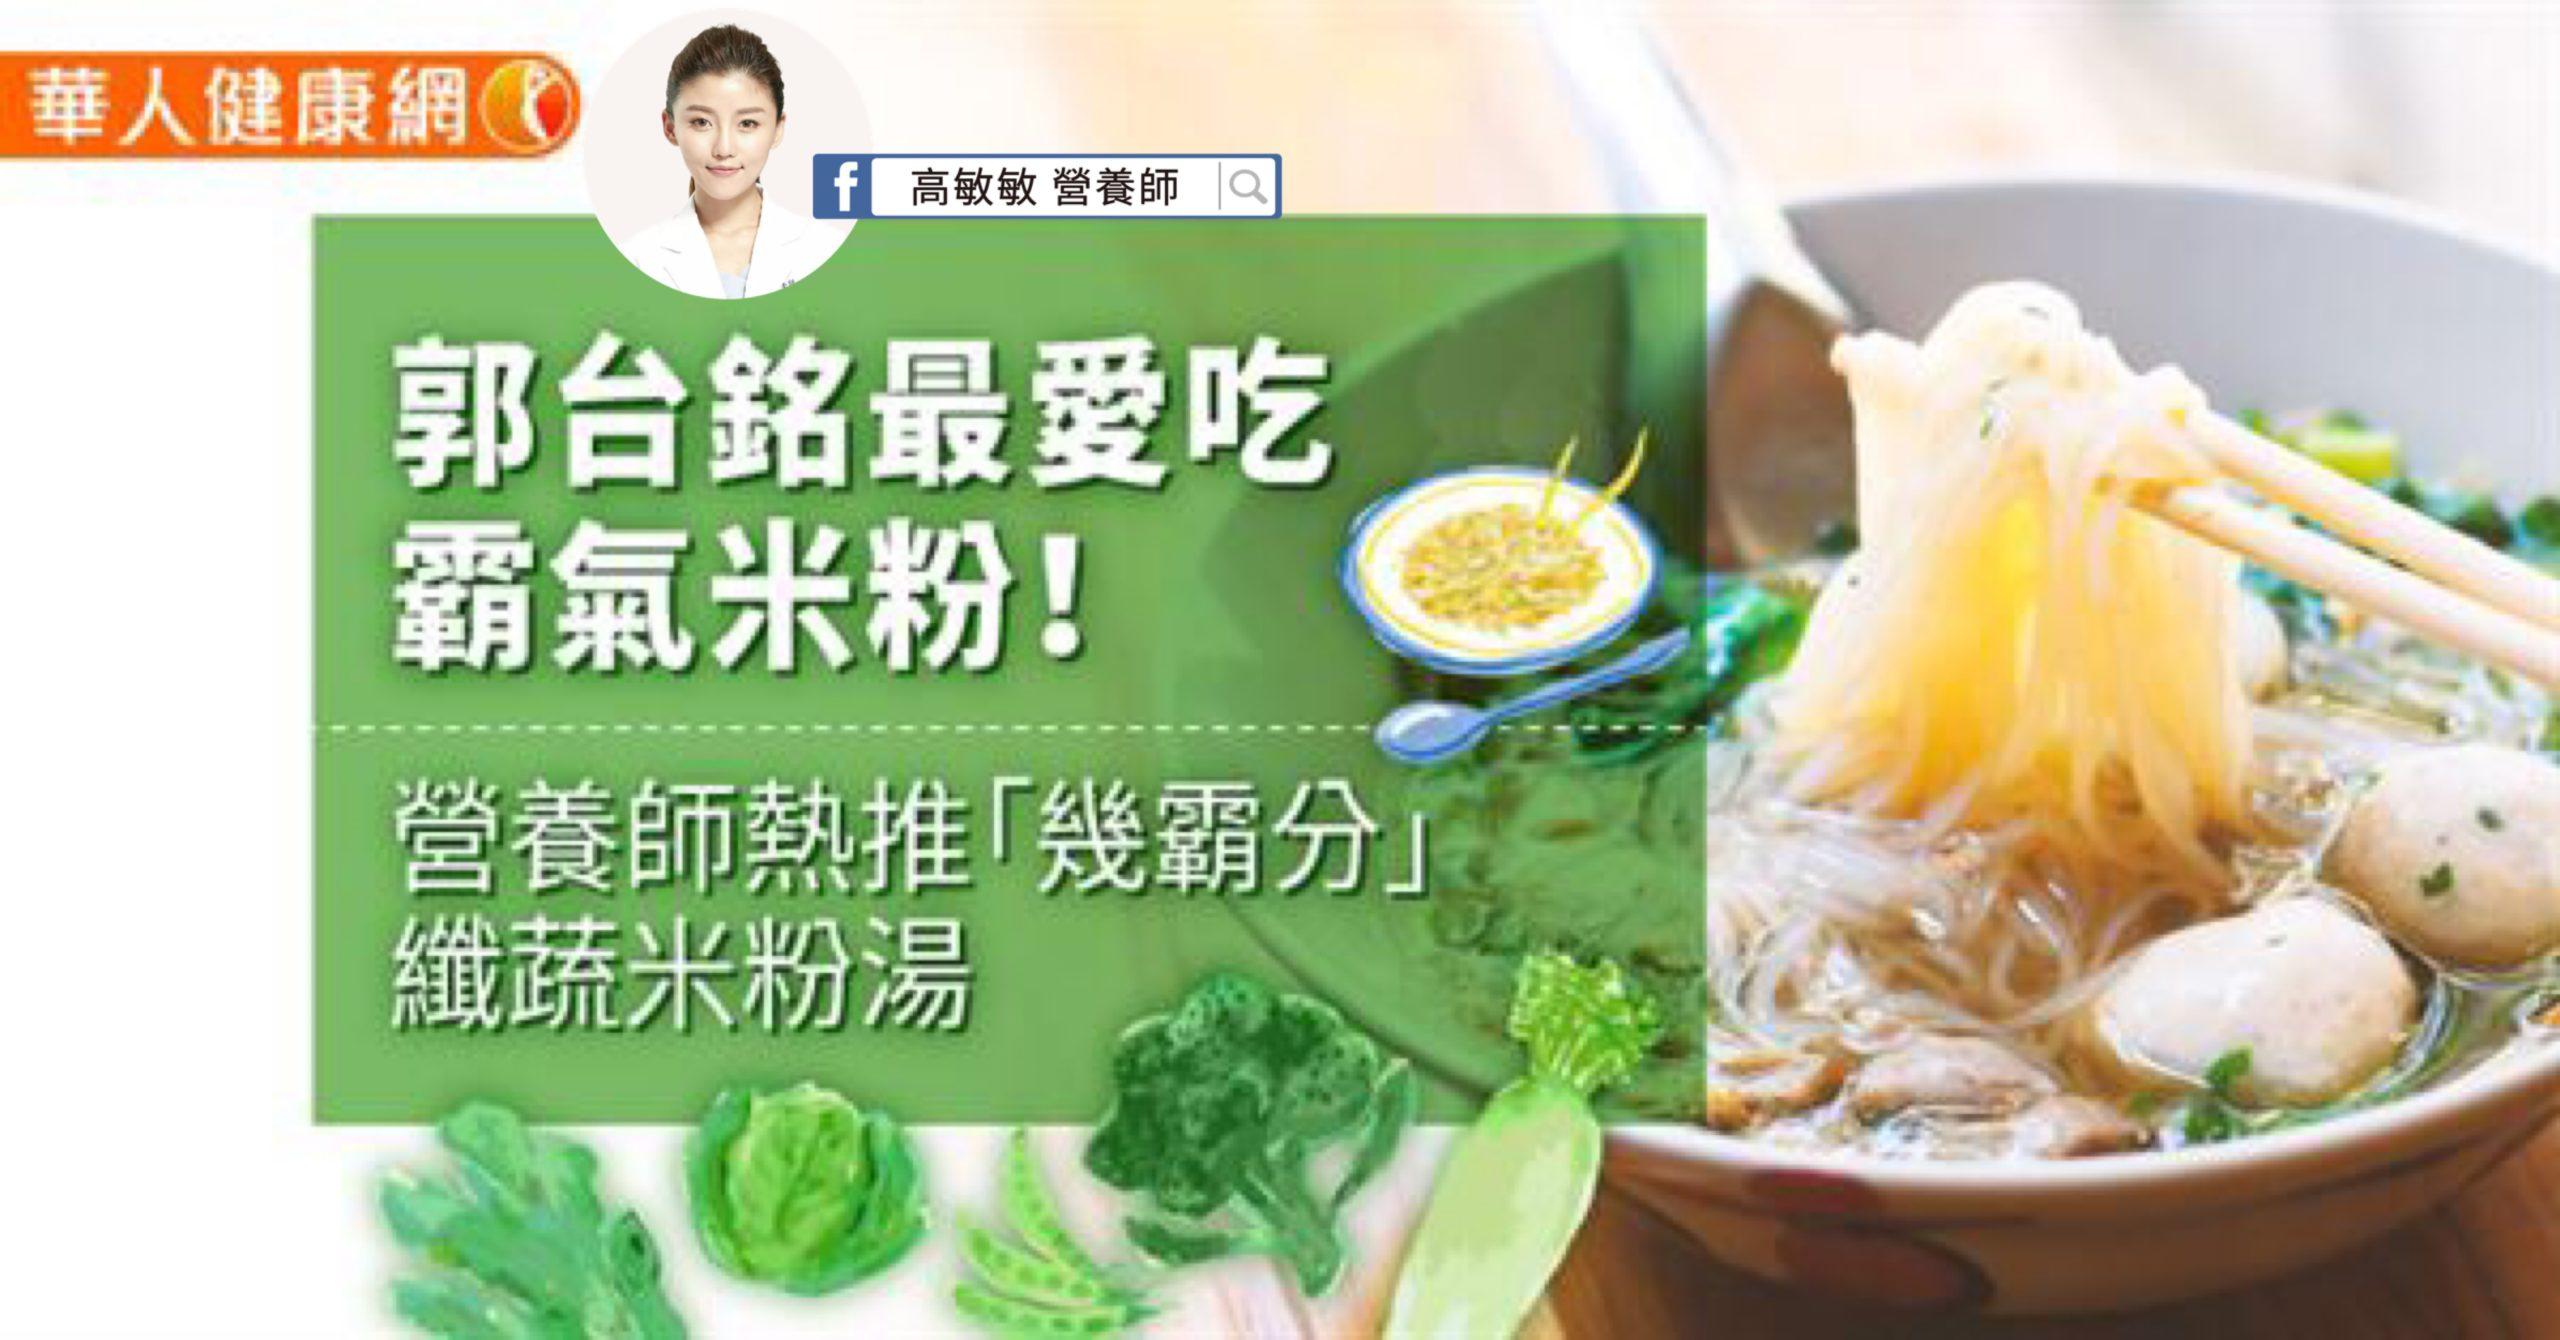 郭台銘最愛吃霸氣米粉!高敏敏營養師熱推「幾霸分」纖蔬米粉湯